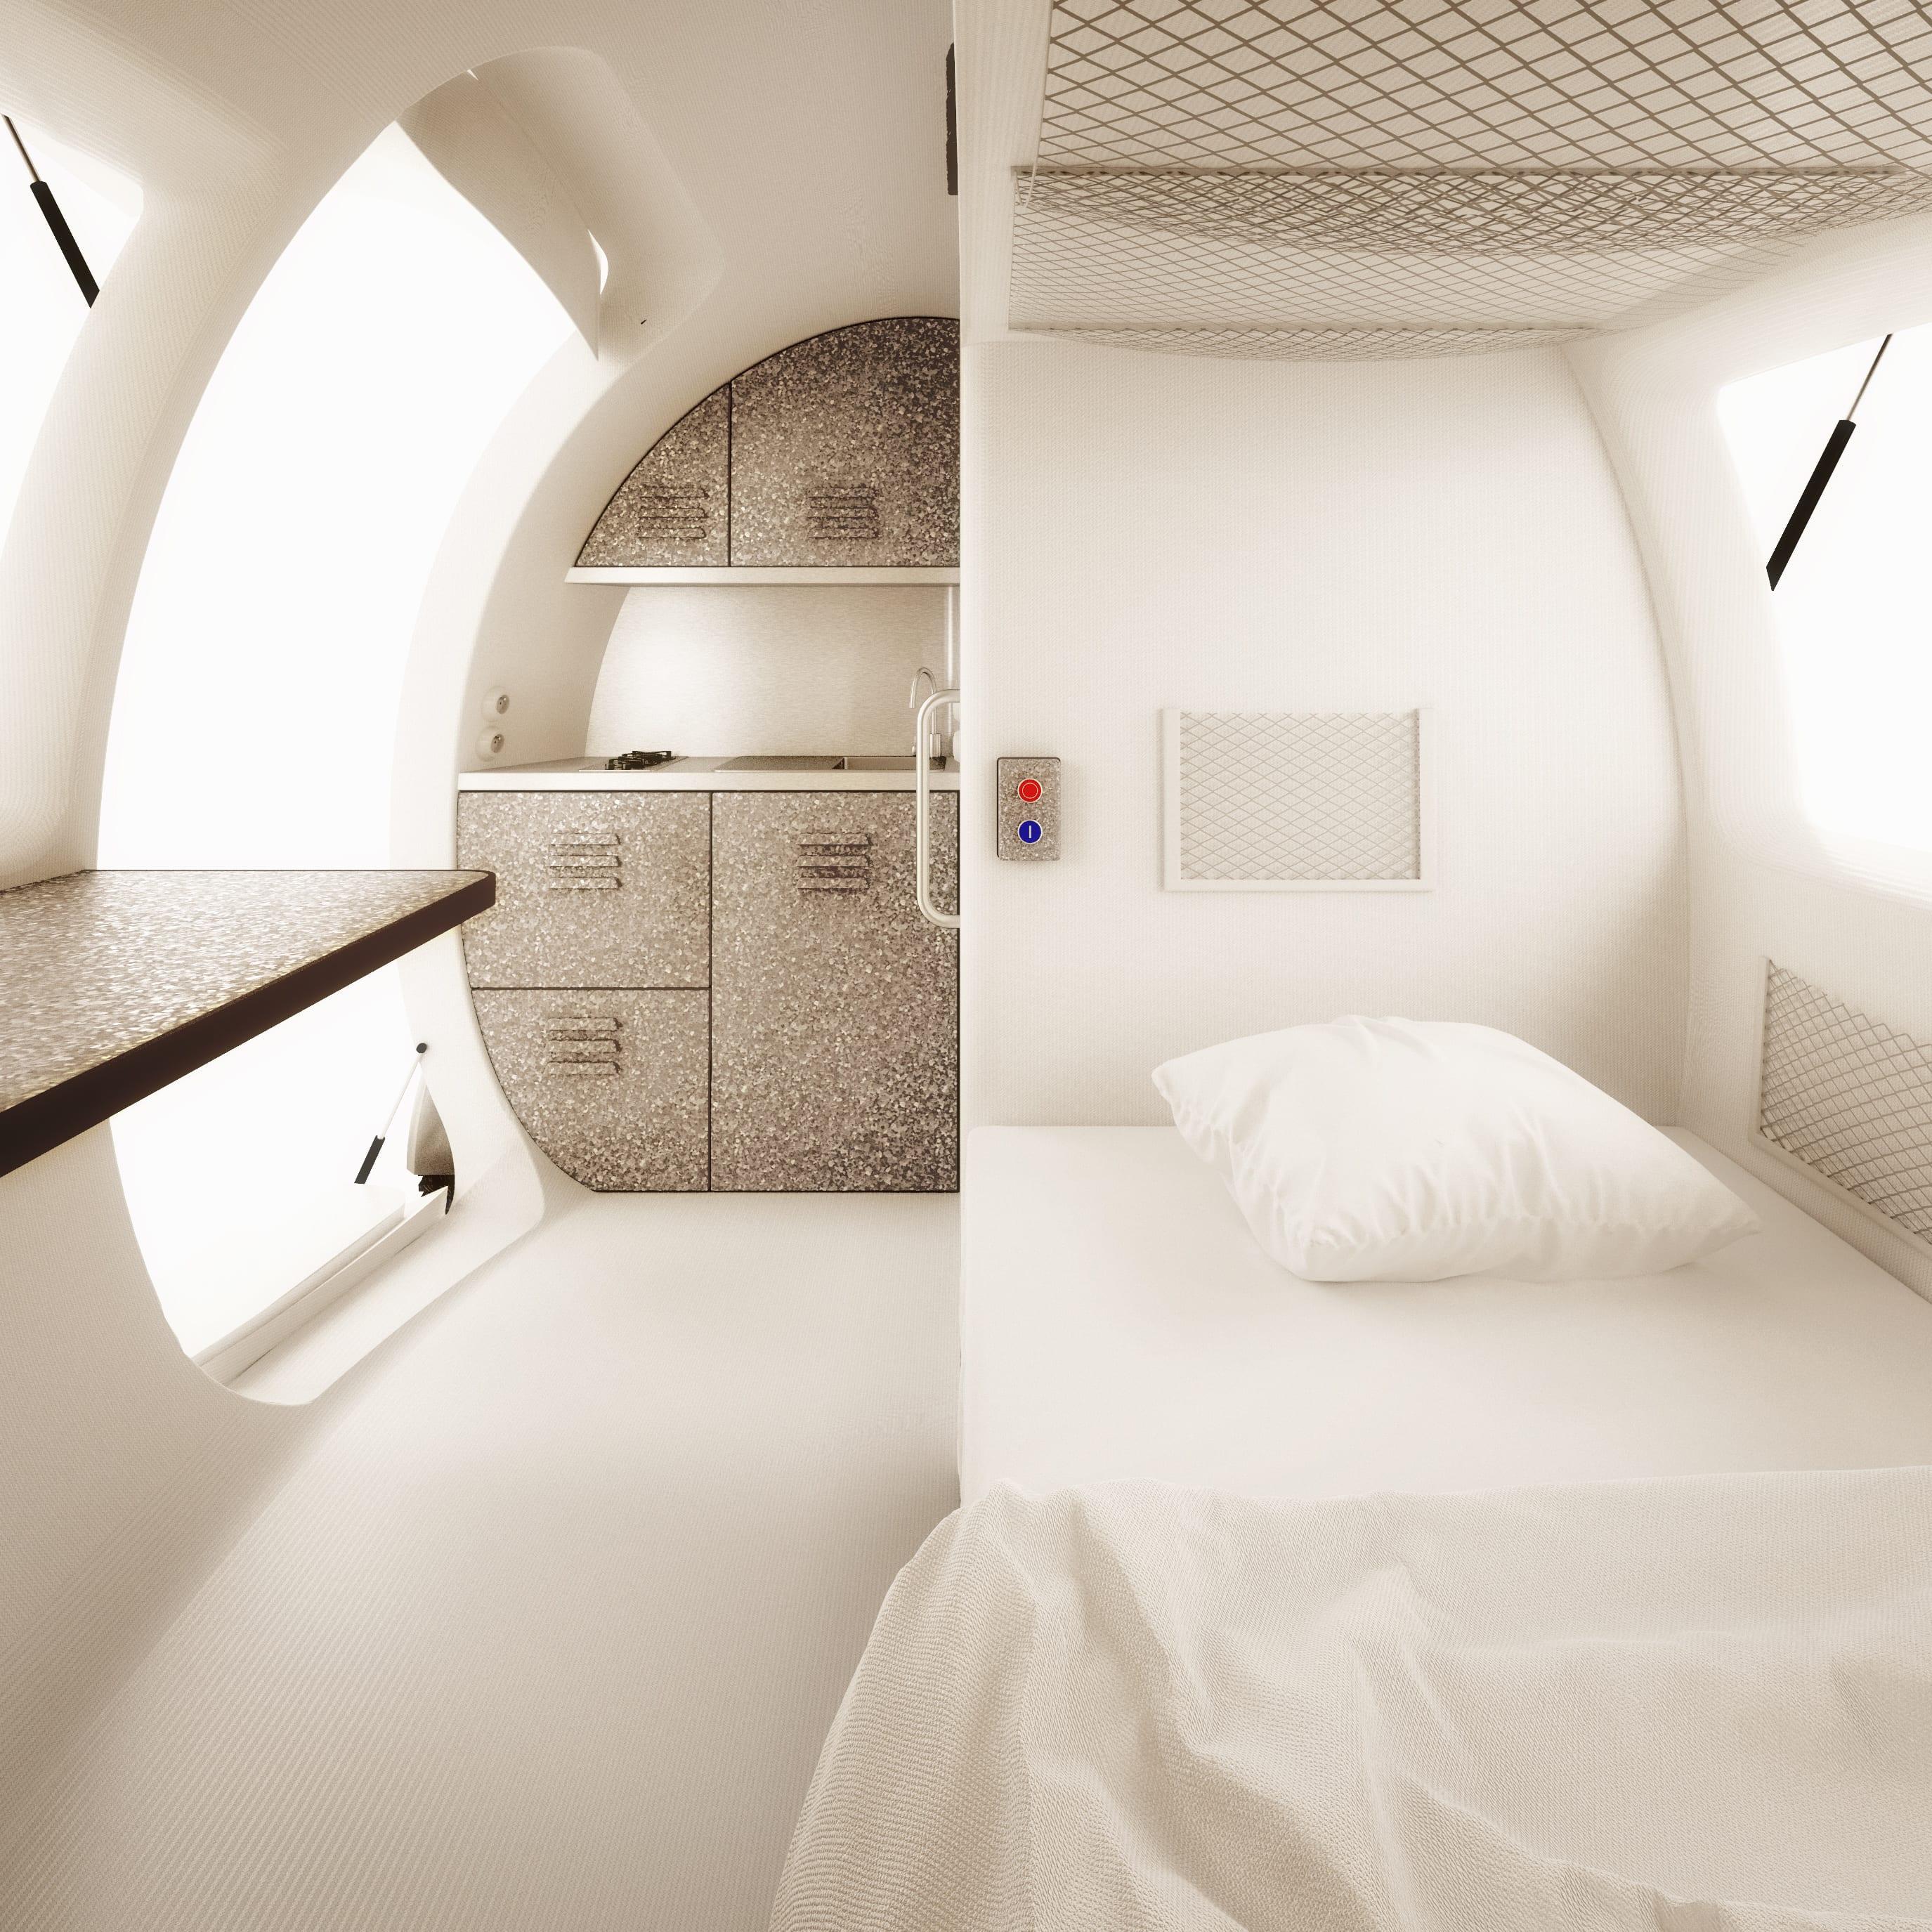 Wohnmobil ecocapsule das mobile niedrigenergiehaus for Wohncontainer design